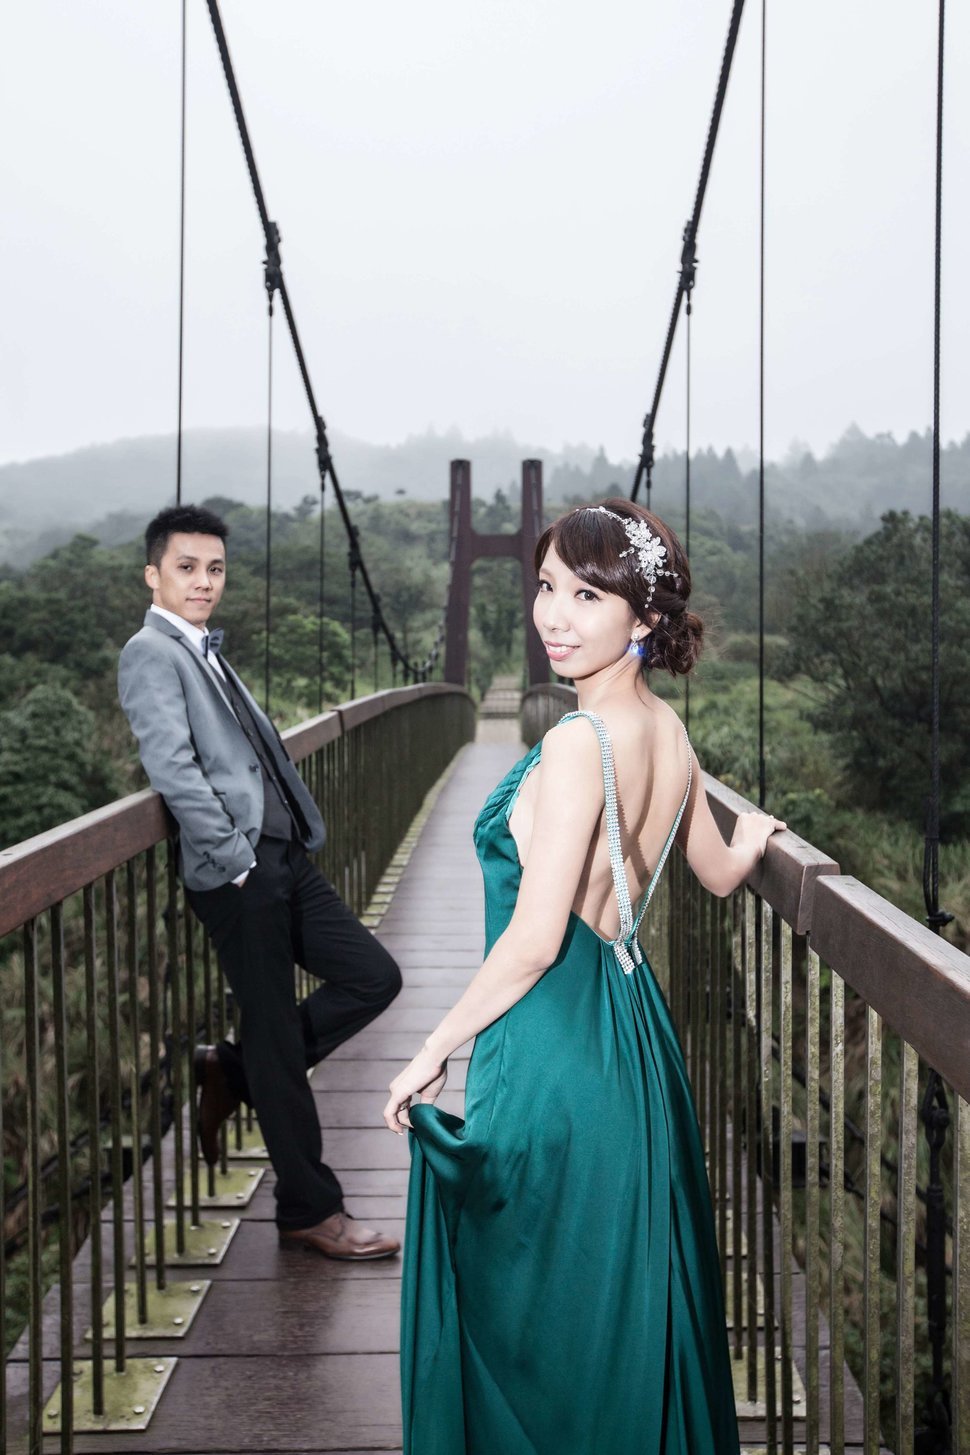 IMG_0607-3_縮 - 春之嫁衣精緻婚紗 - 結婚吧